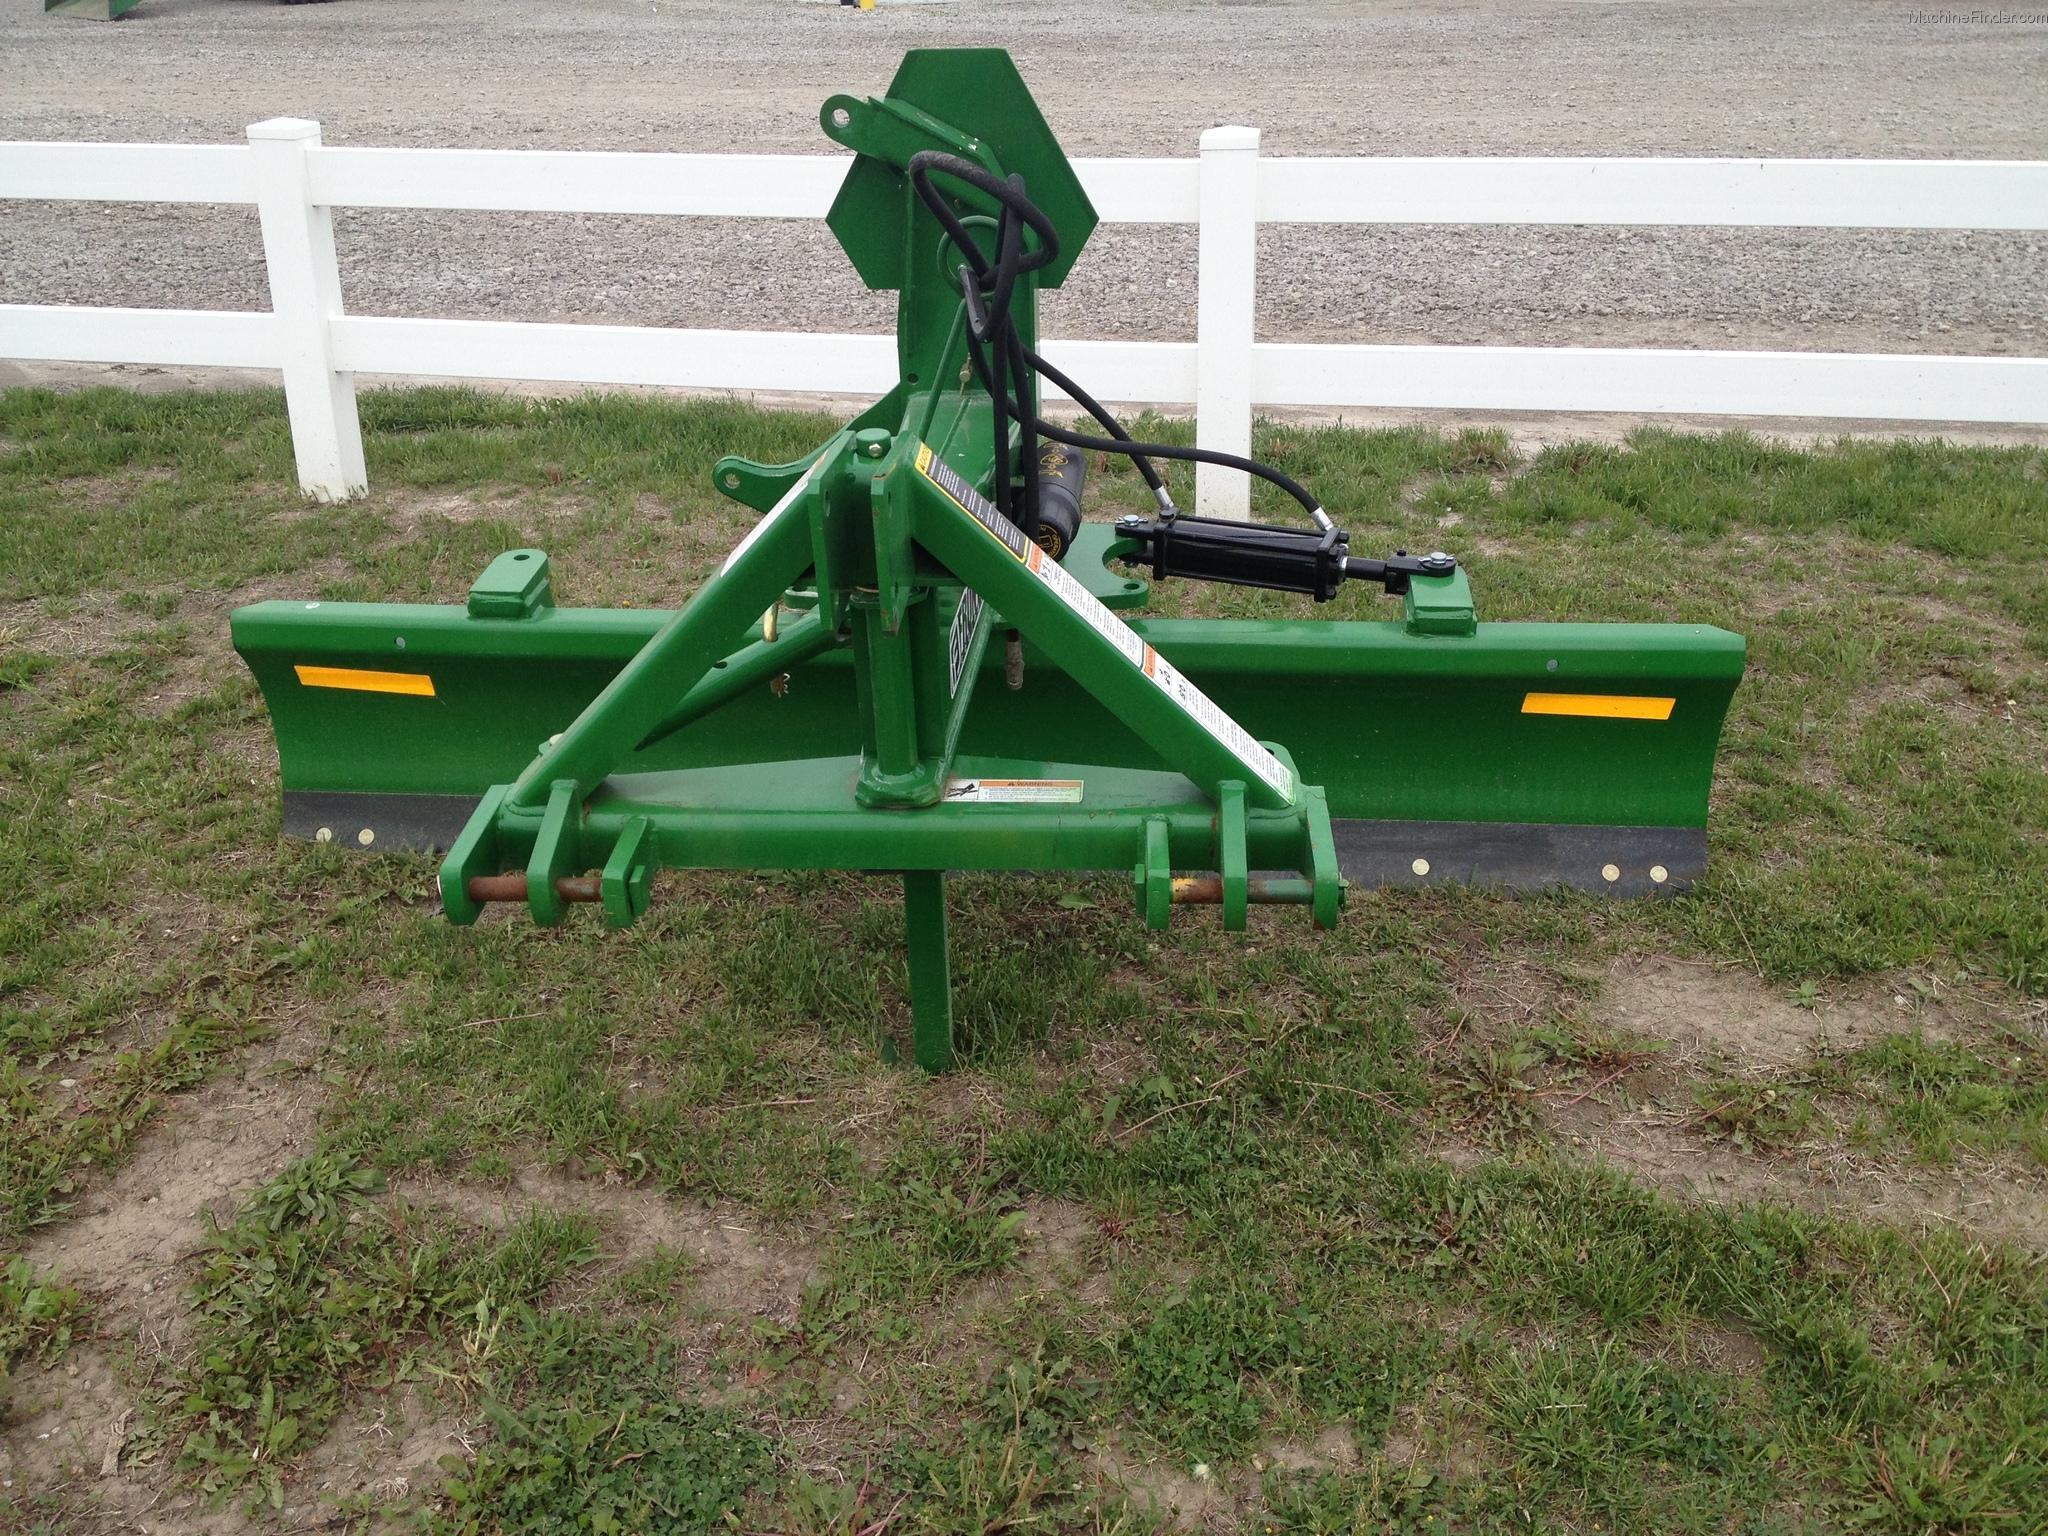 2012 Frontier 2308 Tractor Loaders John Deere Machinefinder